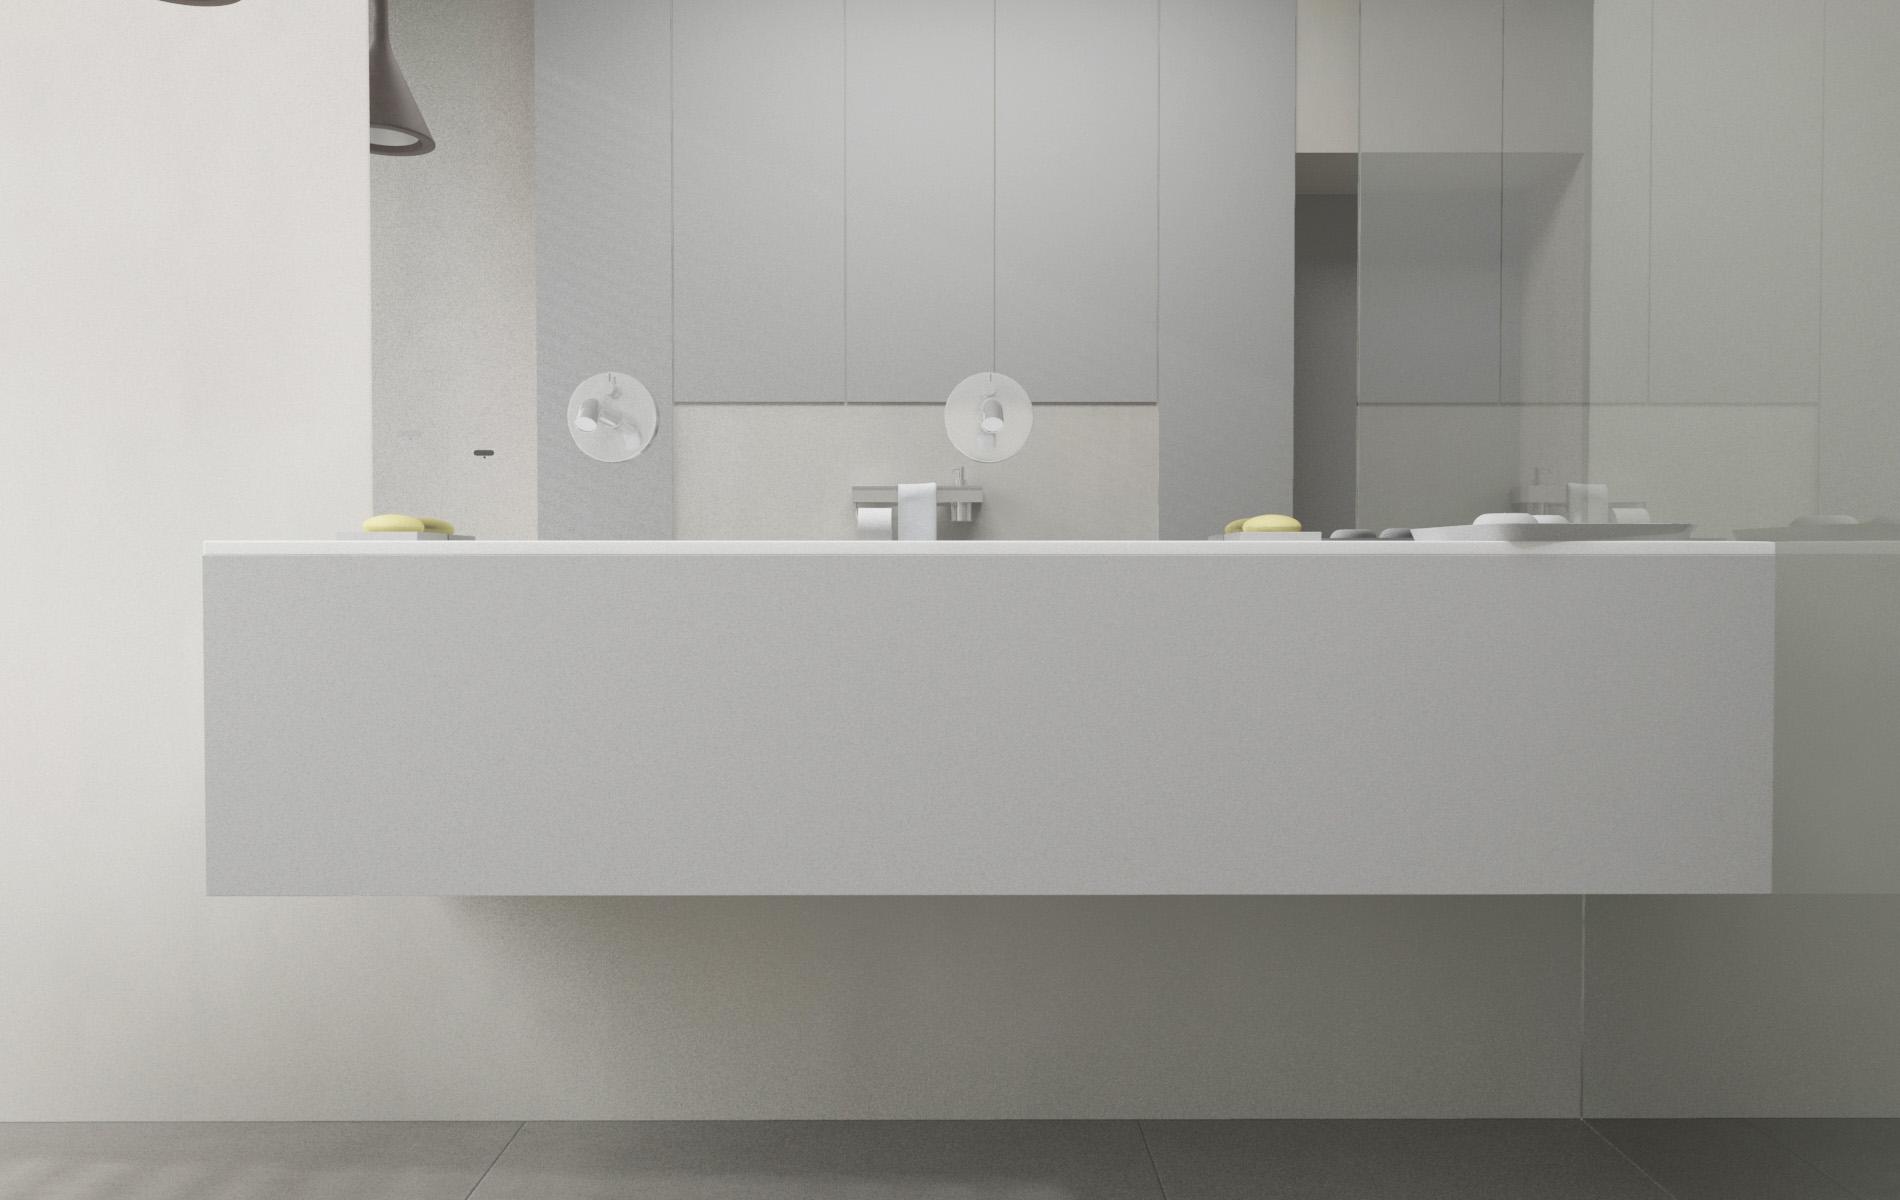 minimalistyczna lazienka katowice (2)